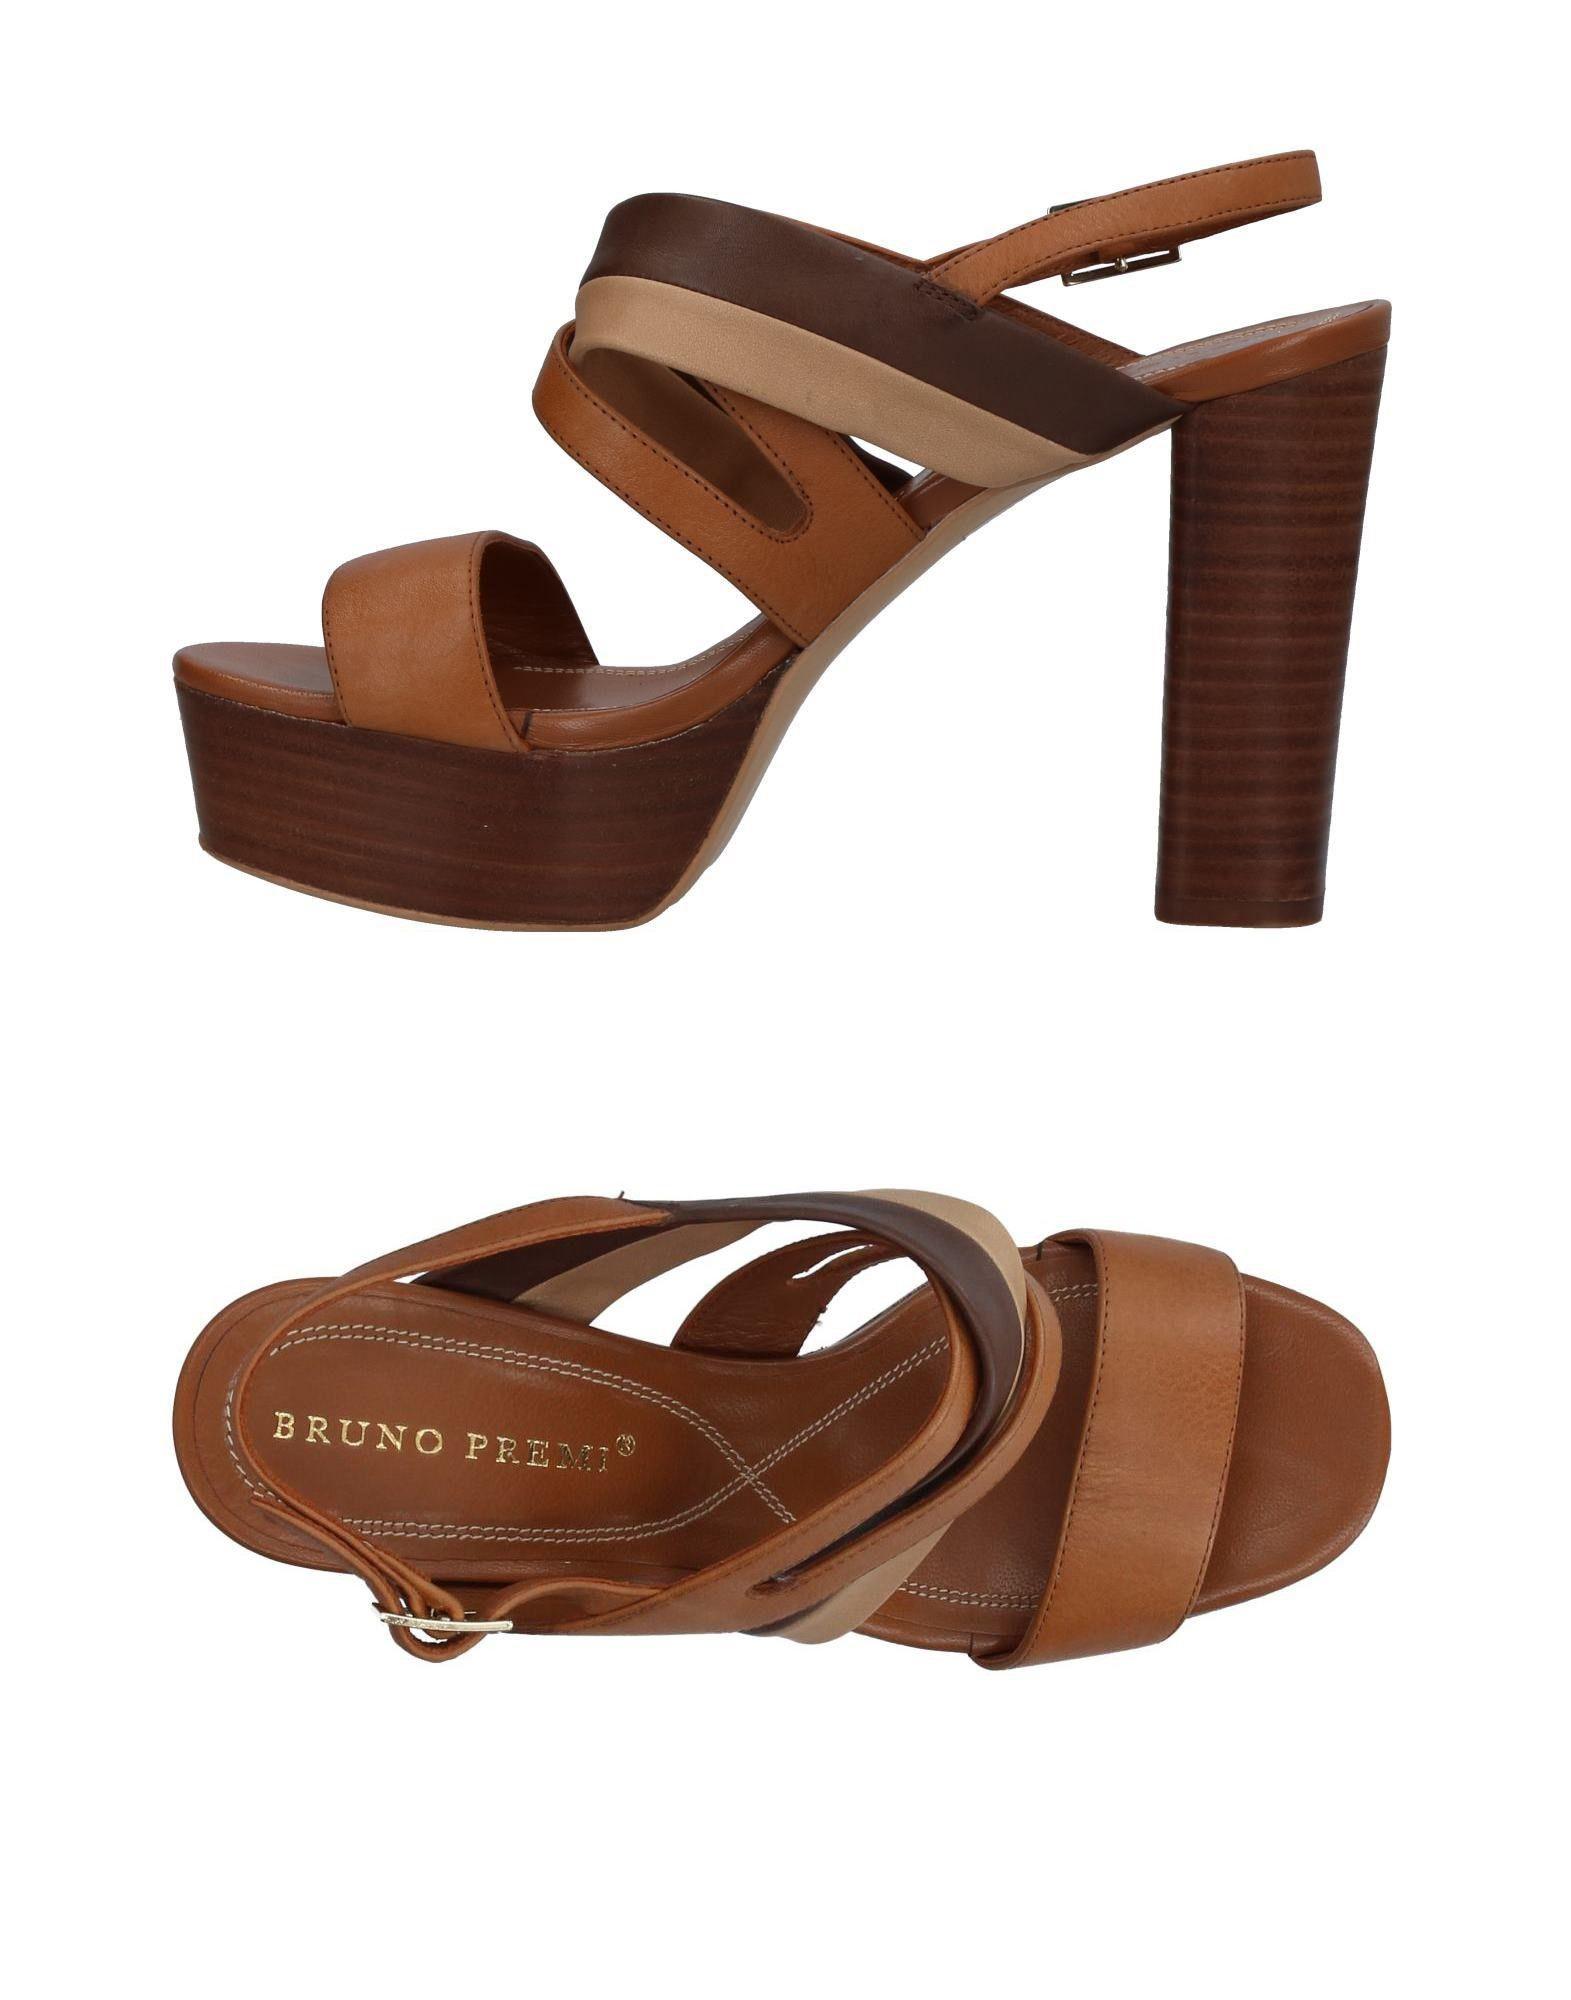 BRUNO PREMI Damen Sandale Farbe Lederfarben Größe 13 jetztbilligerkaufen